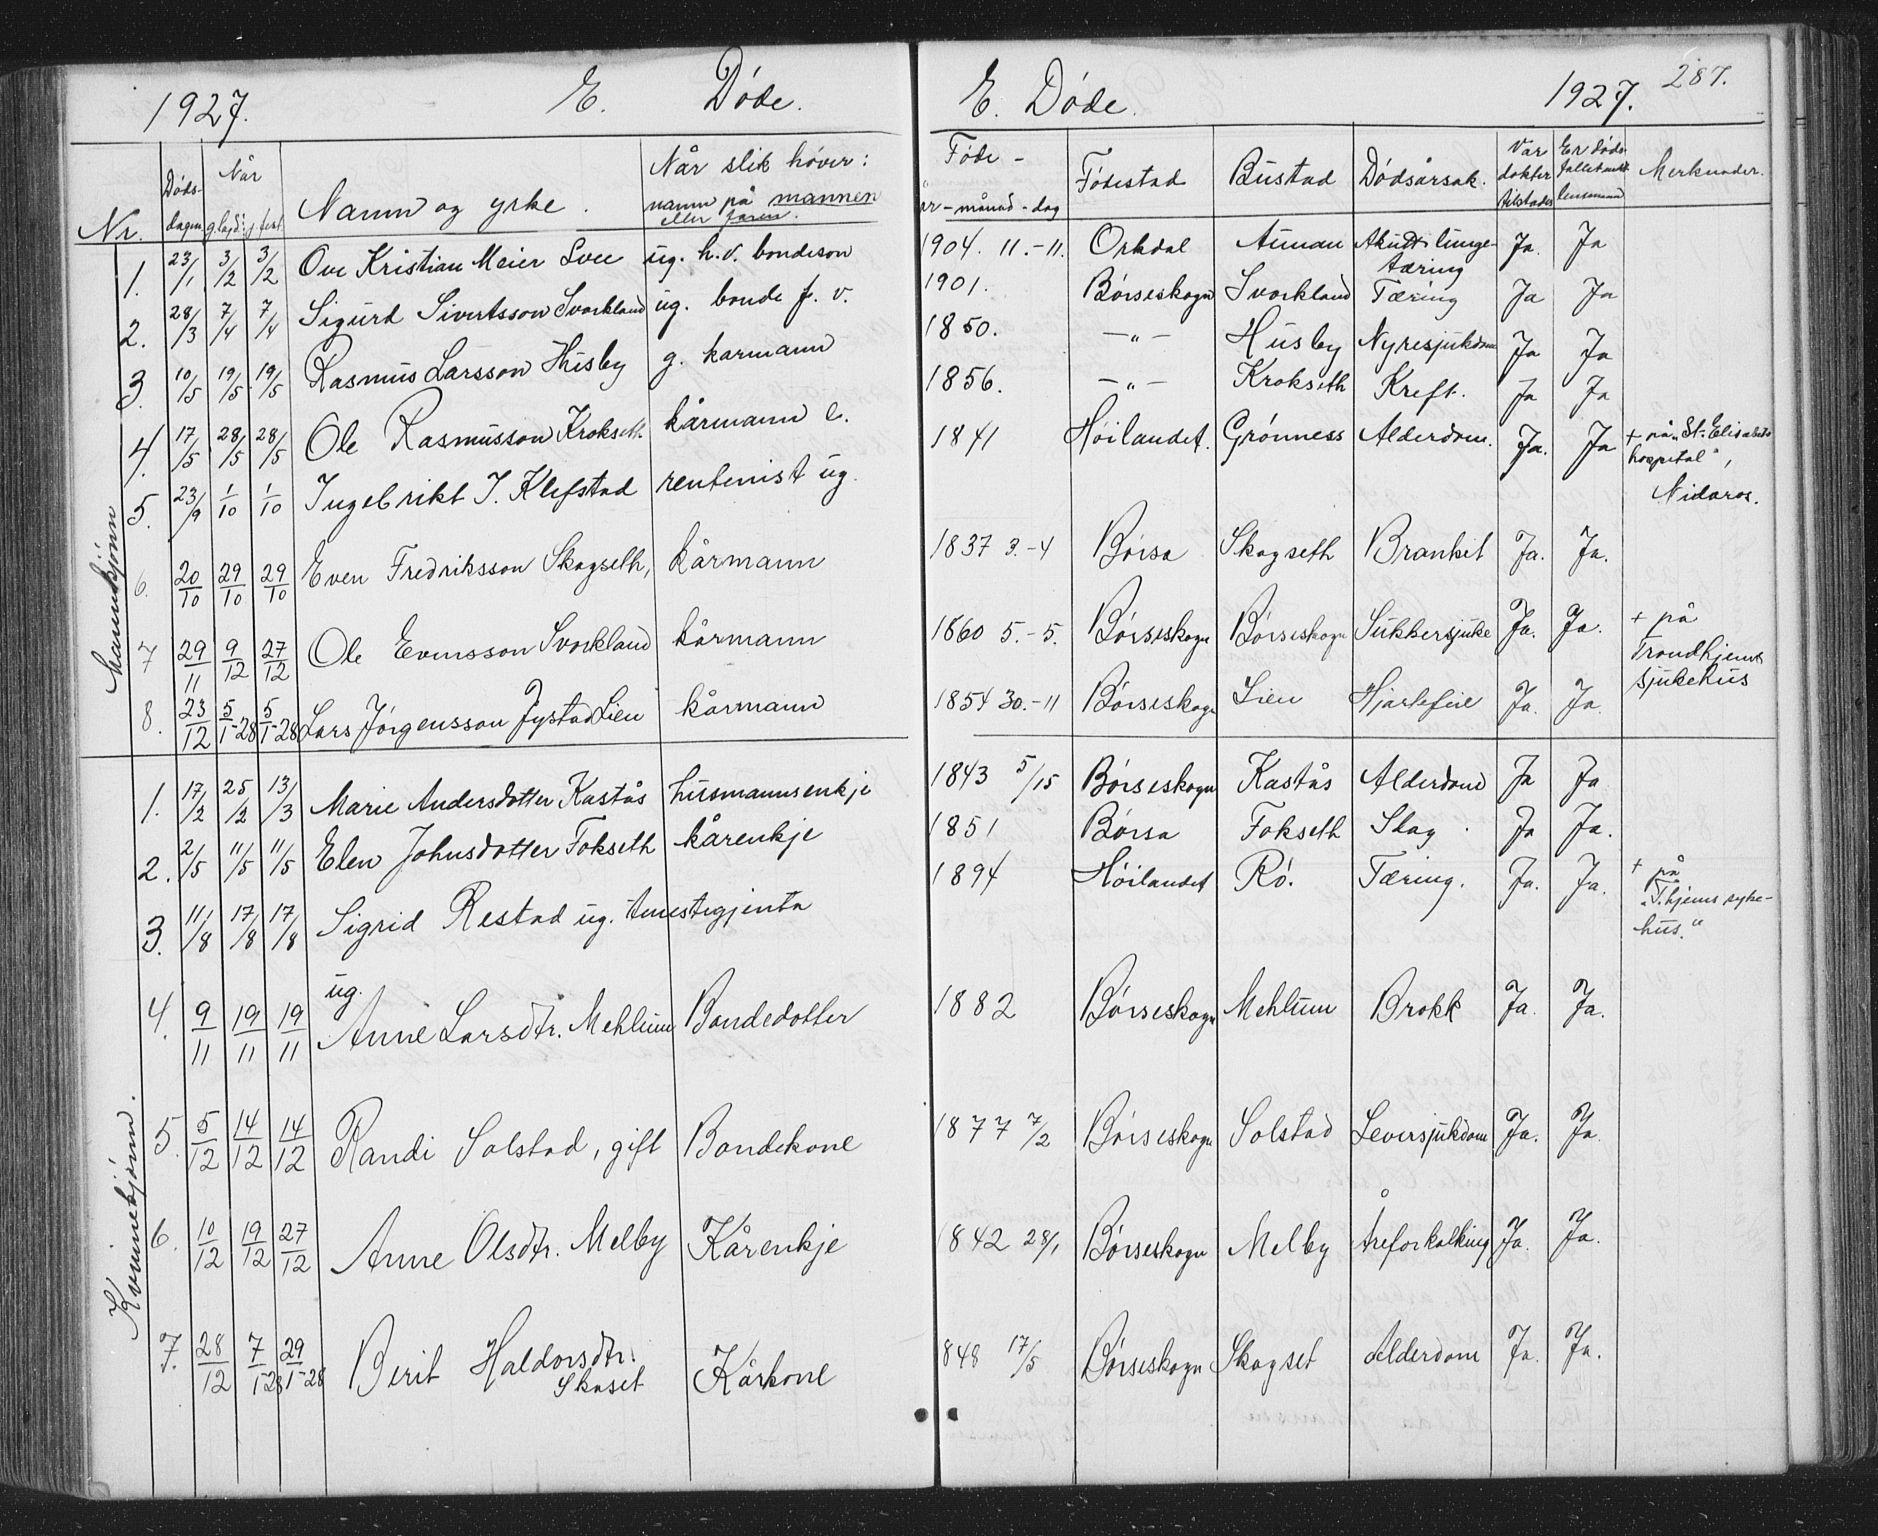 SAT, Ministerialprotokoller, klokkerbøker og fødselsregistre - Sør-Trøndelag, 667/L0798: Klokkerbok nr. 667C03, 1867-1929, s. 287